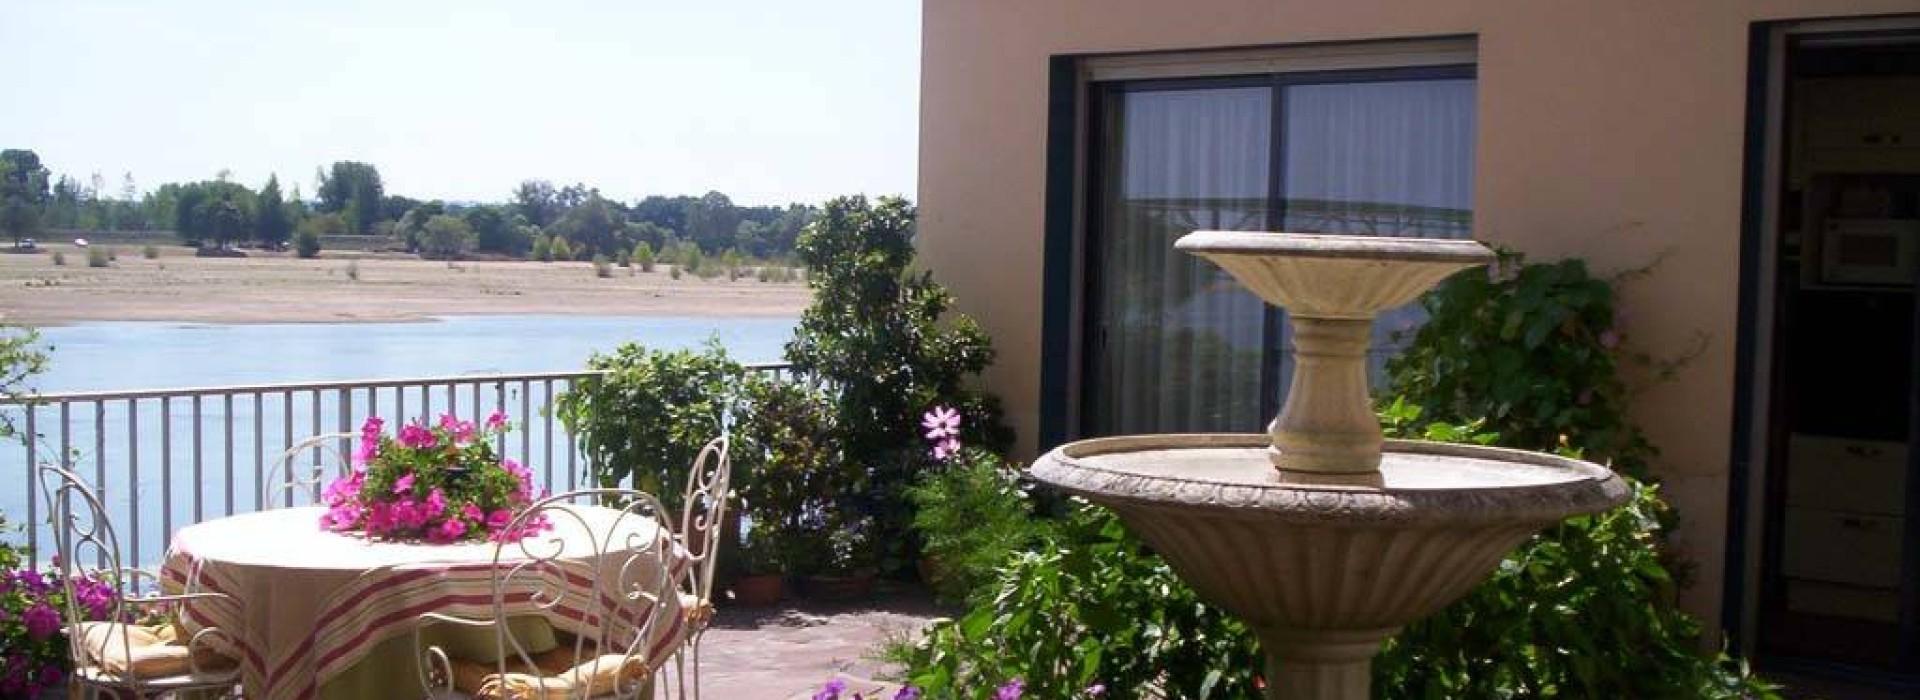 Chambre D Hotes Lamour De La Loire Chambres D Hotes En Pays De La Loire